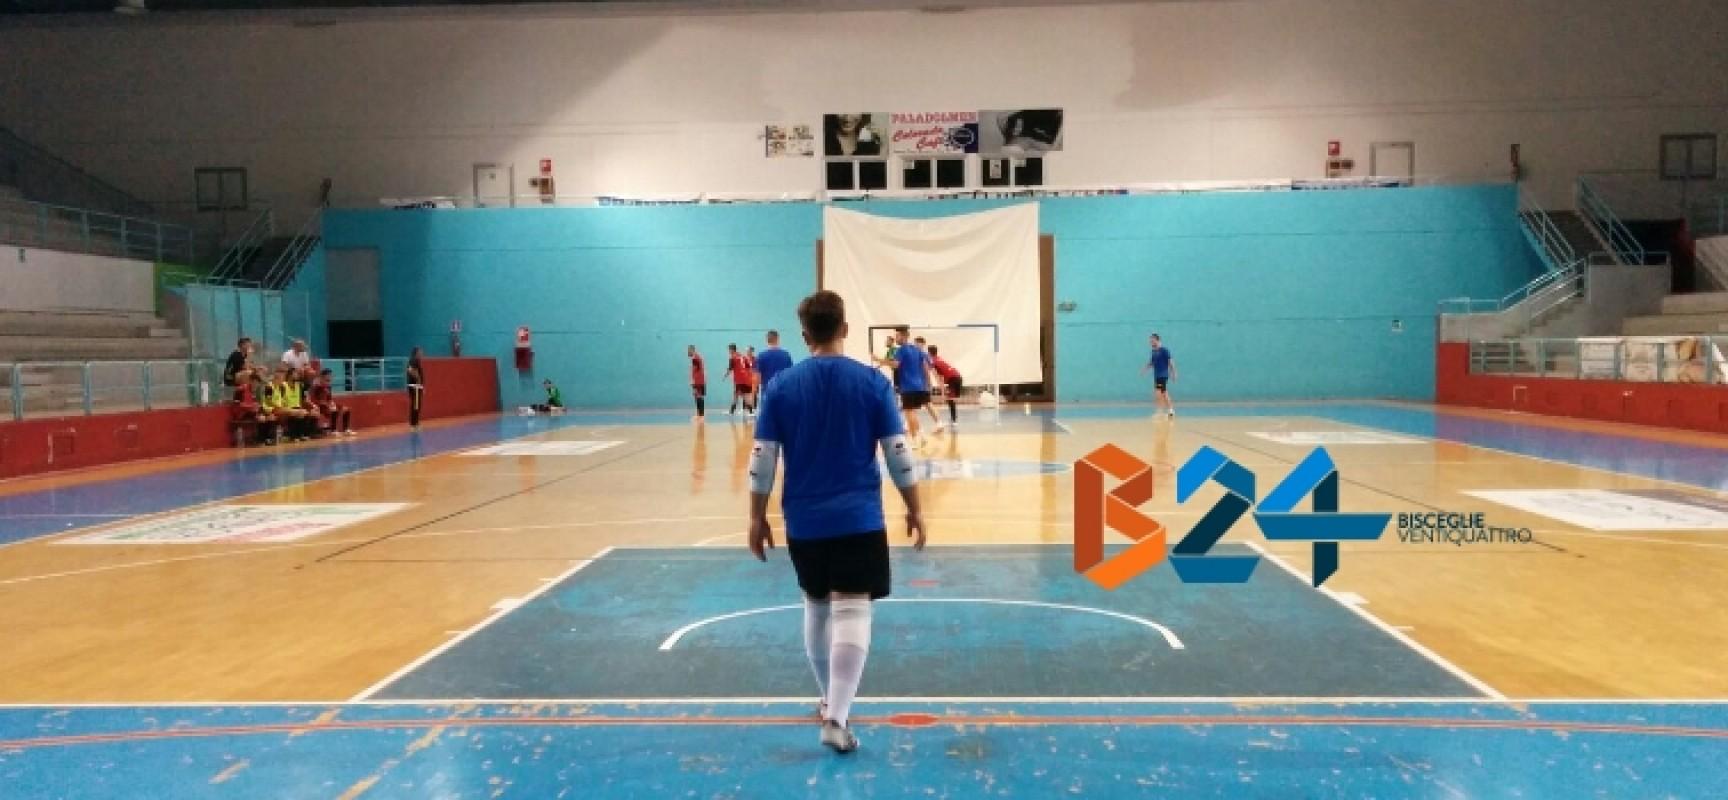 Futsal Bisceglie, oggi secondo test amichevole al PalaDolmen